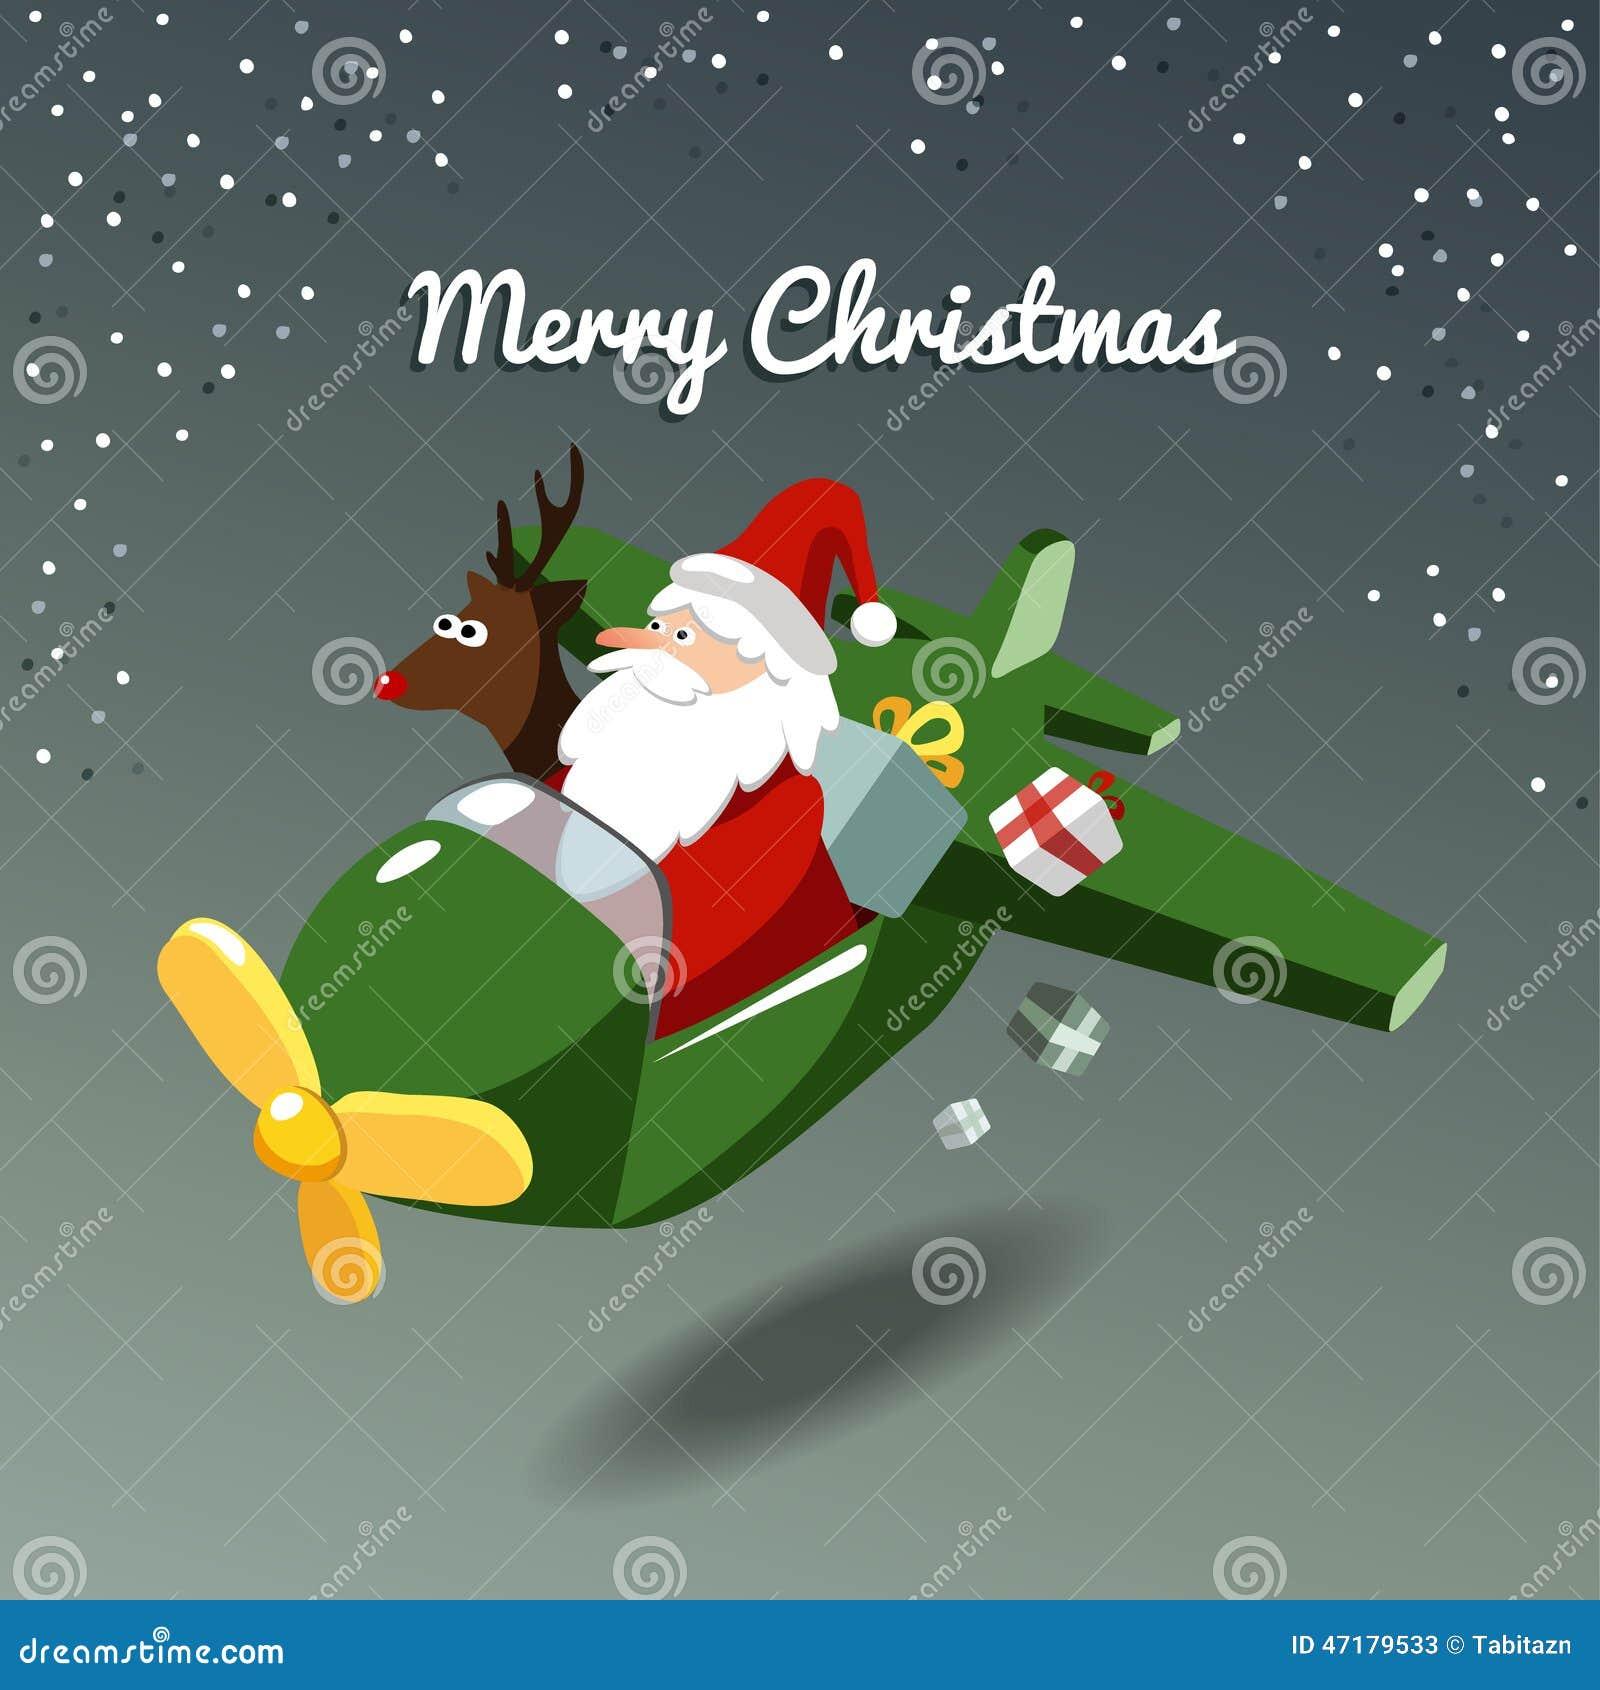 6875fe8525d0 Carte de Noël mignonne avec le père noël et le renne Rudolph pilotant  l avion, fond d illustration